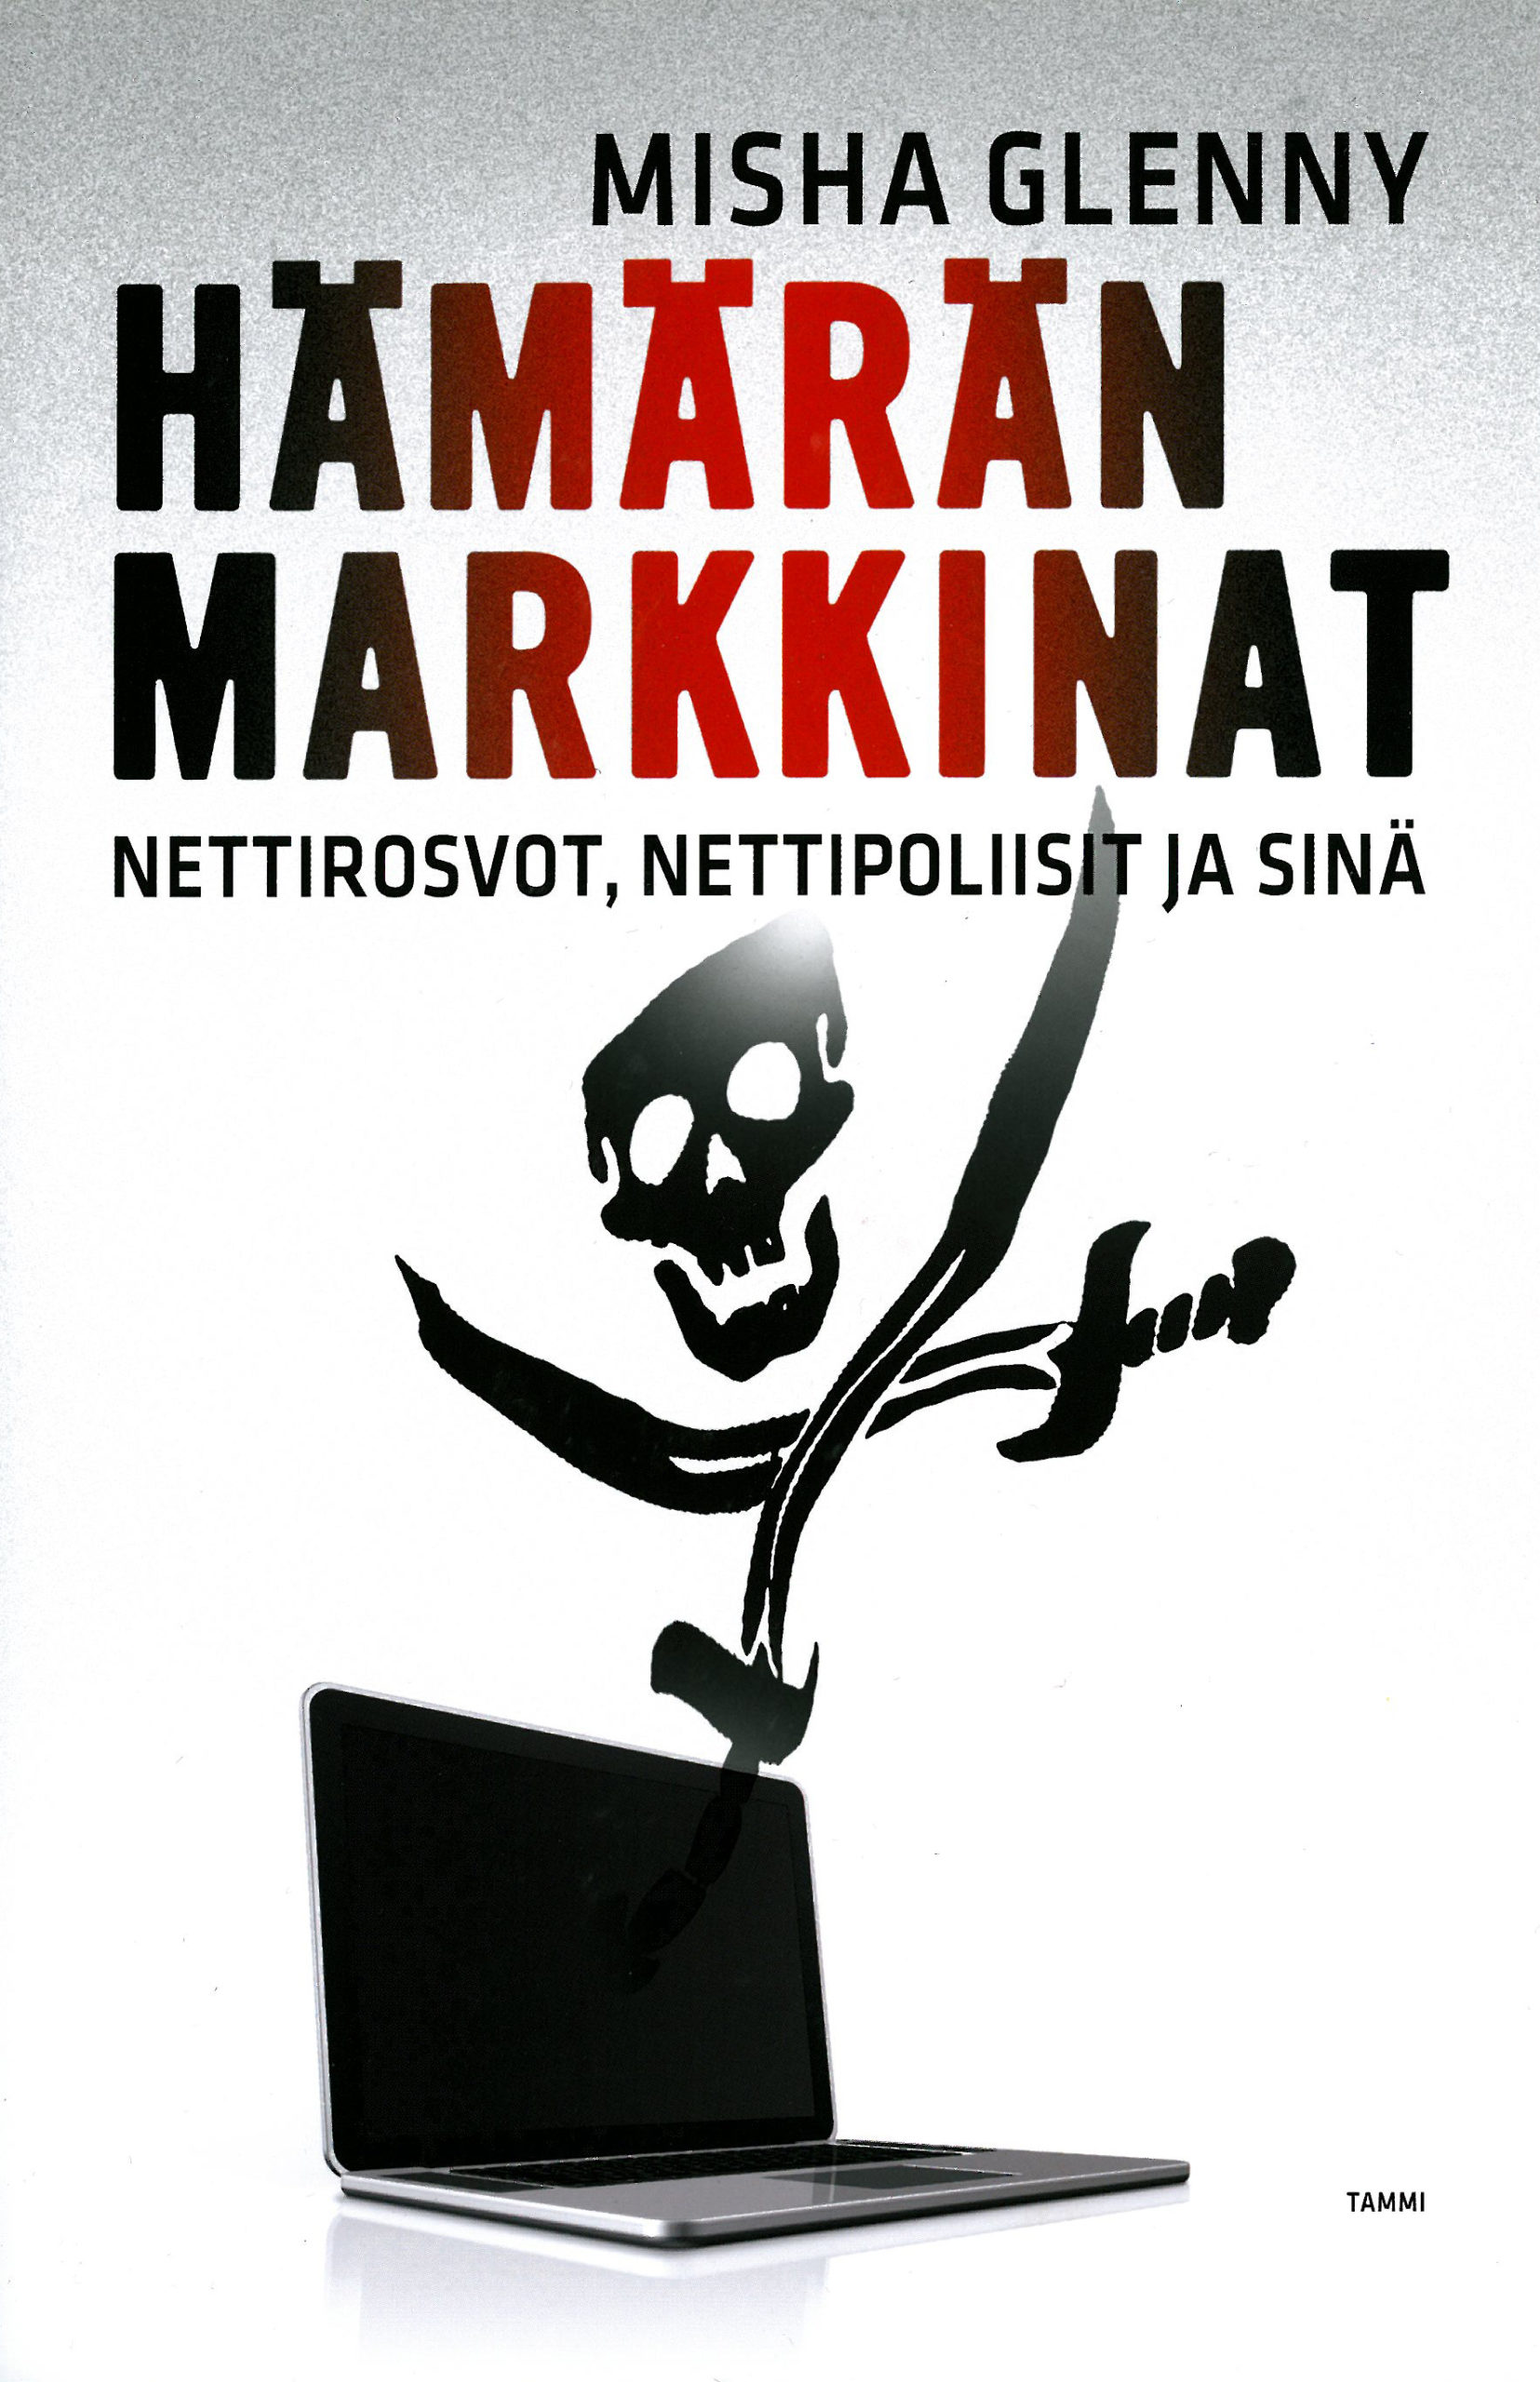 Misha Glenny: Hämärän markkinat. Nettirosvot, nettipoliisit ja sinä. Tammi 2012, 304 s.